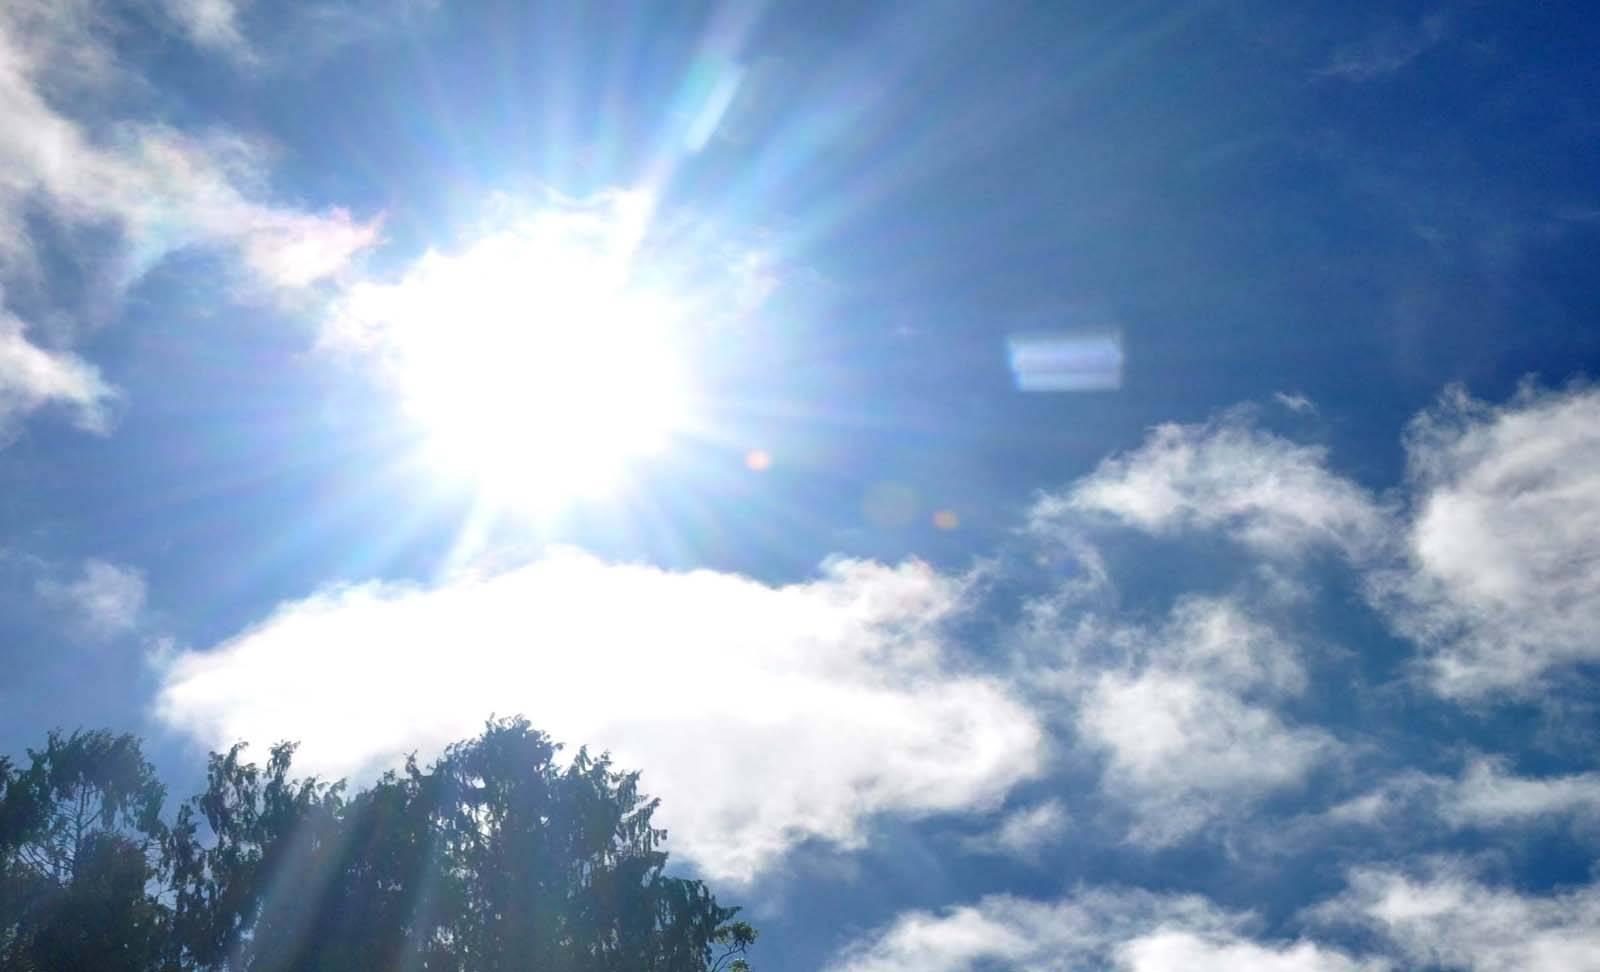 Temperatura segue alta em São Luiz e região, sem previsão de chuva